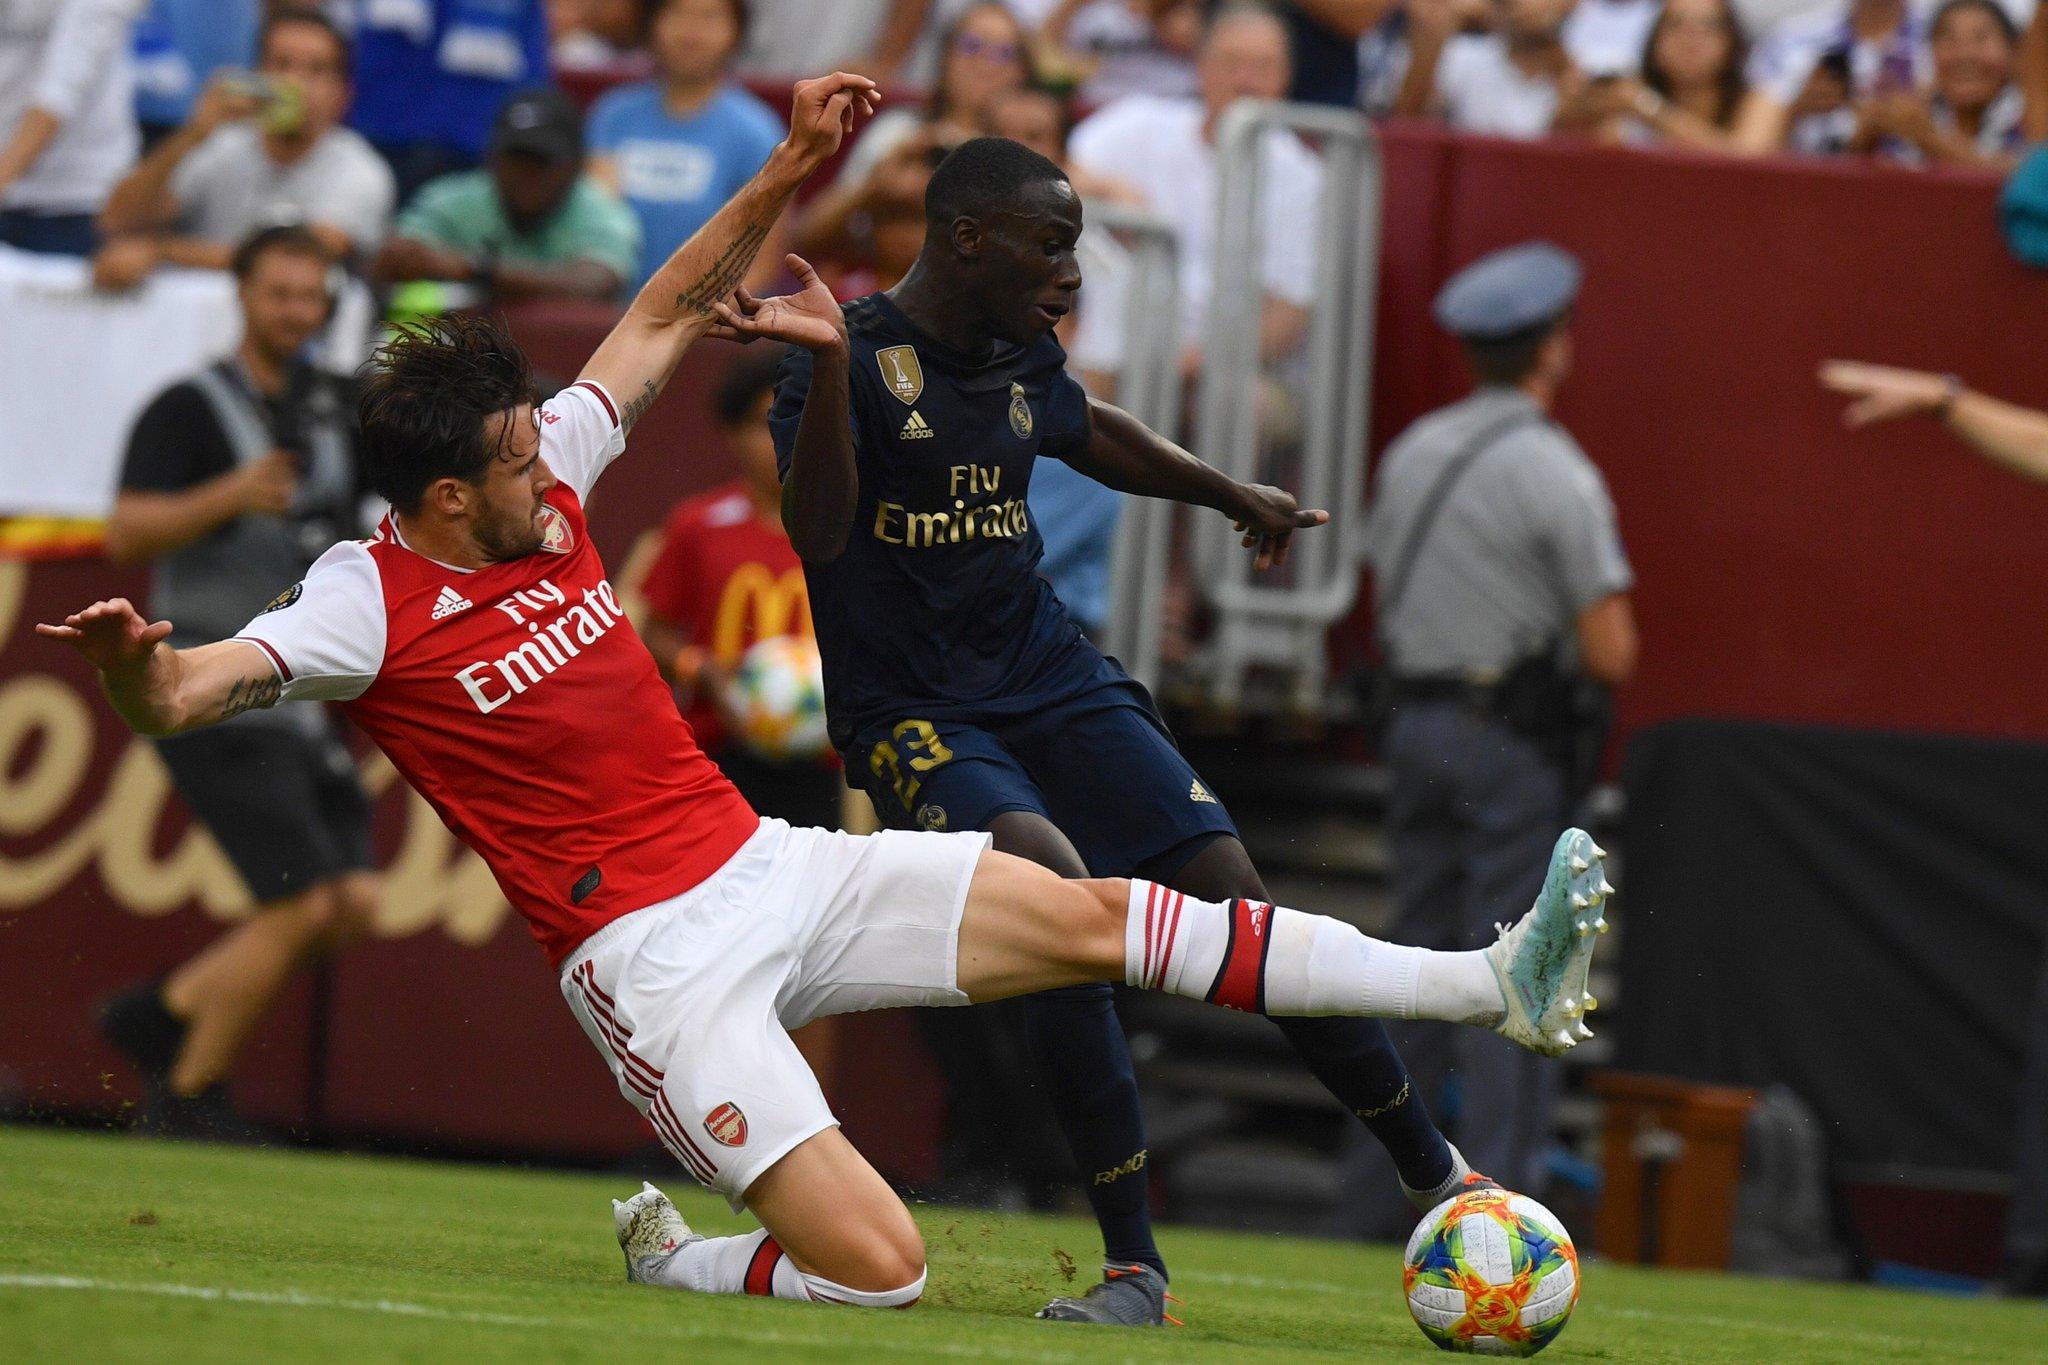 Premier League: Arsenal 2019/20 Season Preview